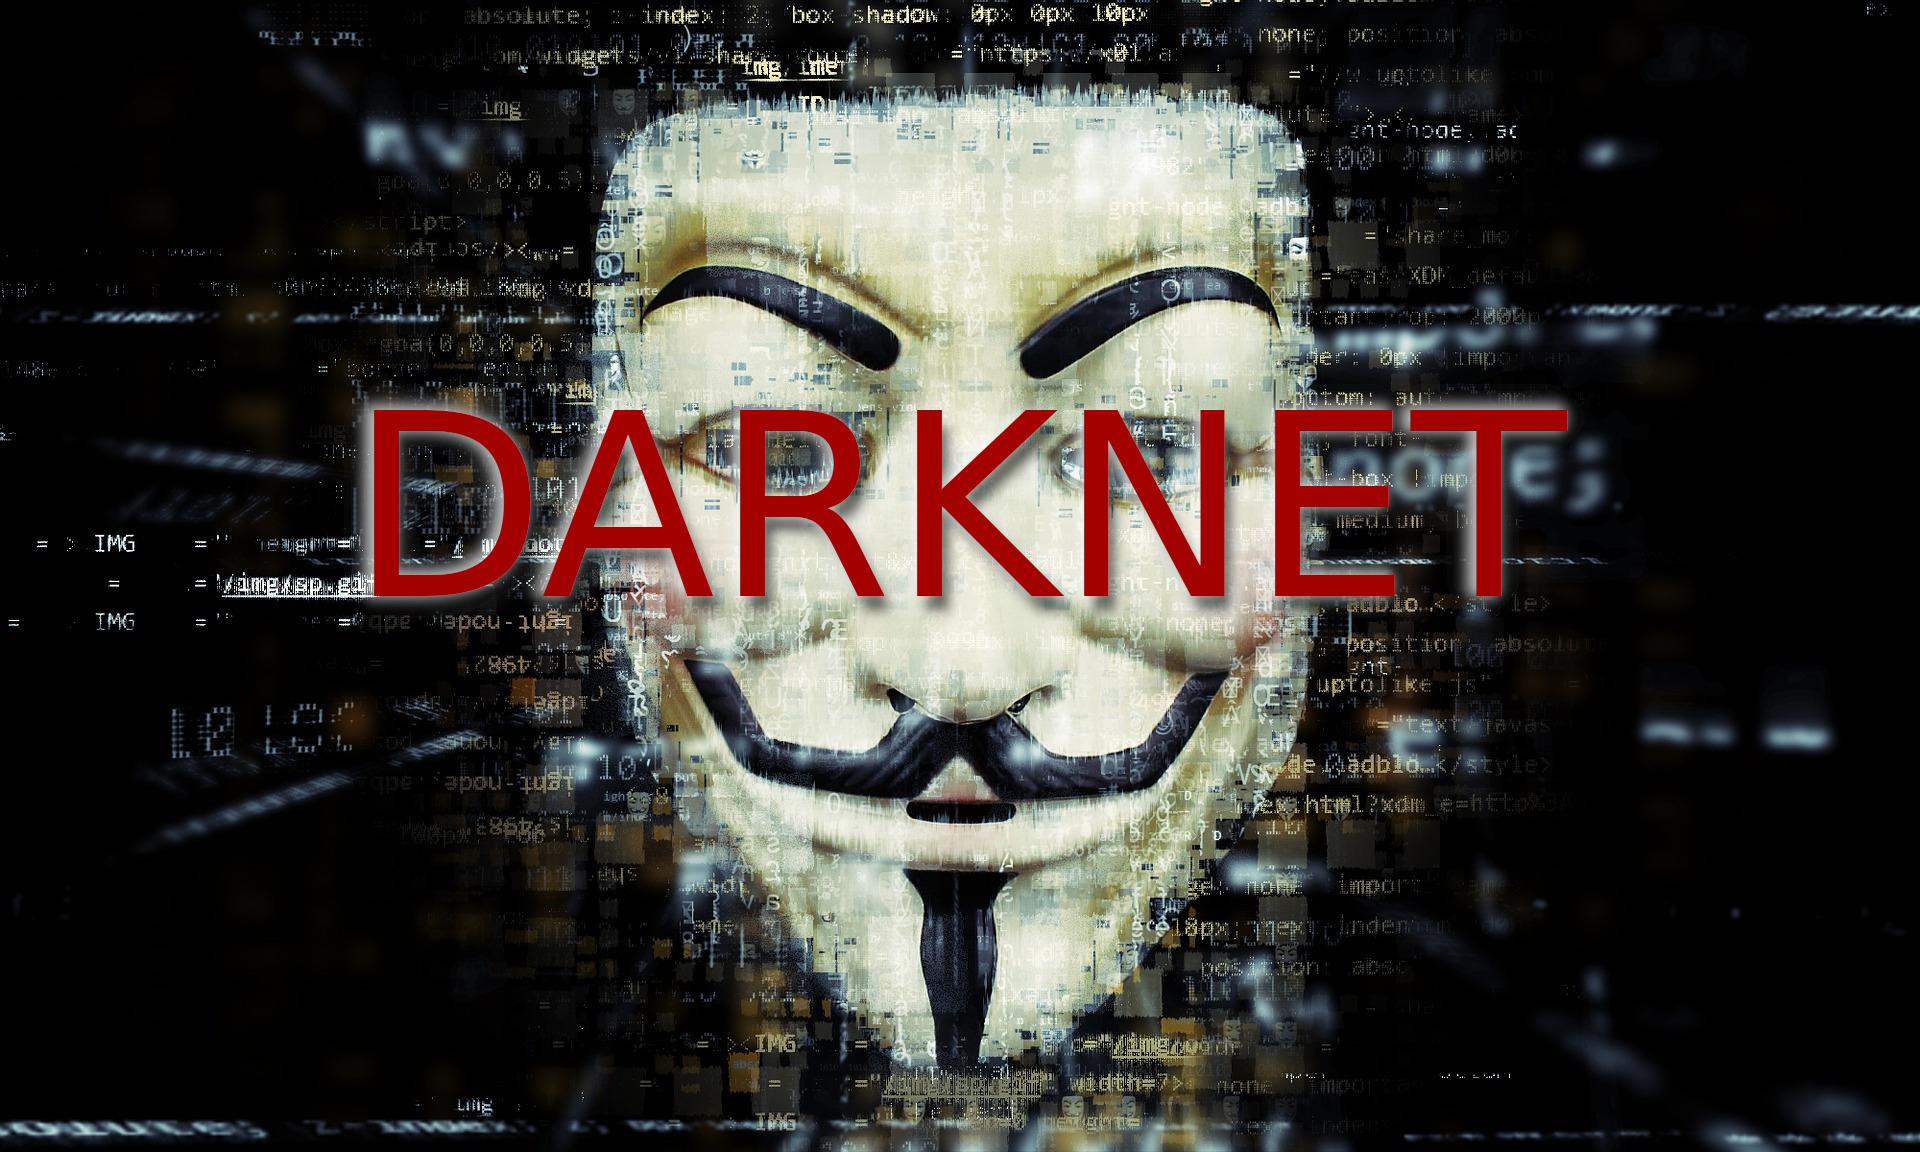 Darknet kurz erklärt